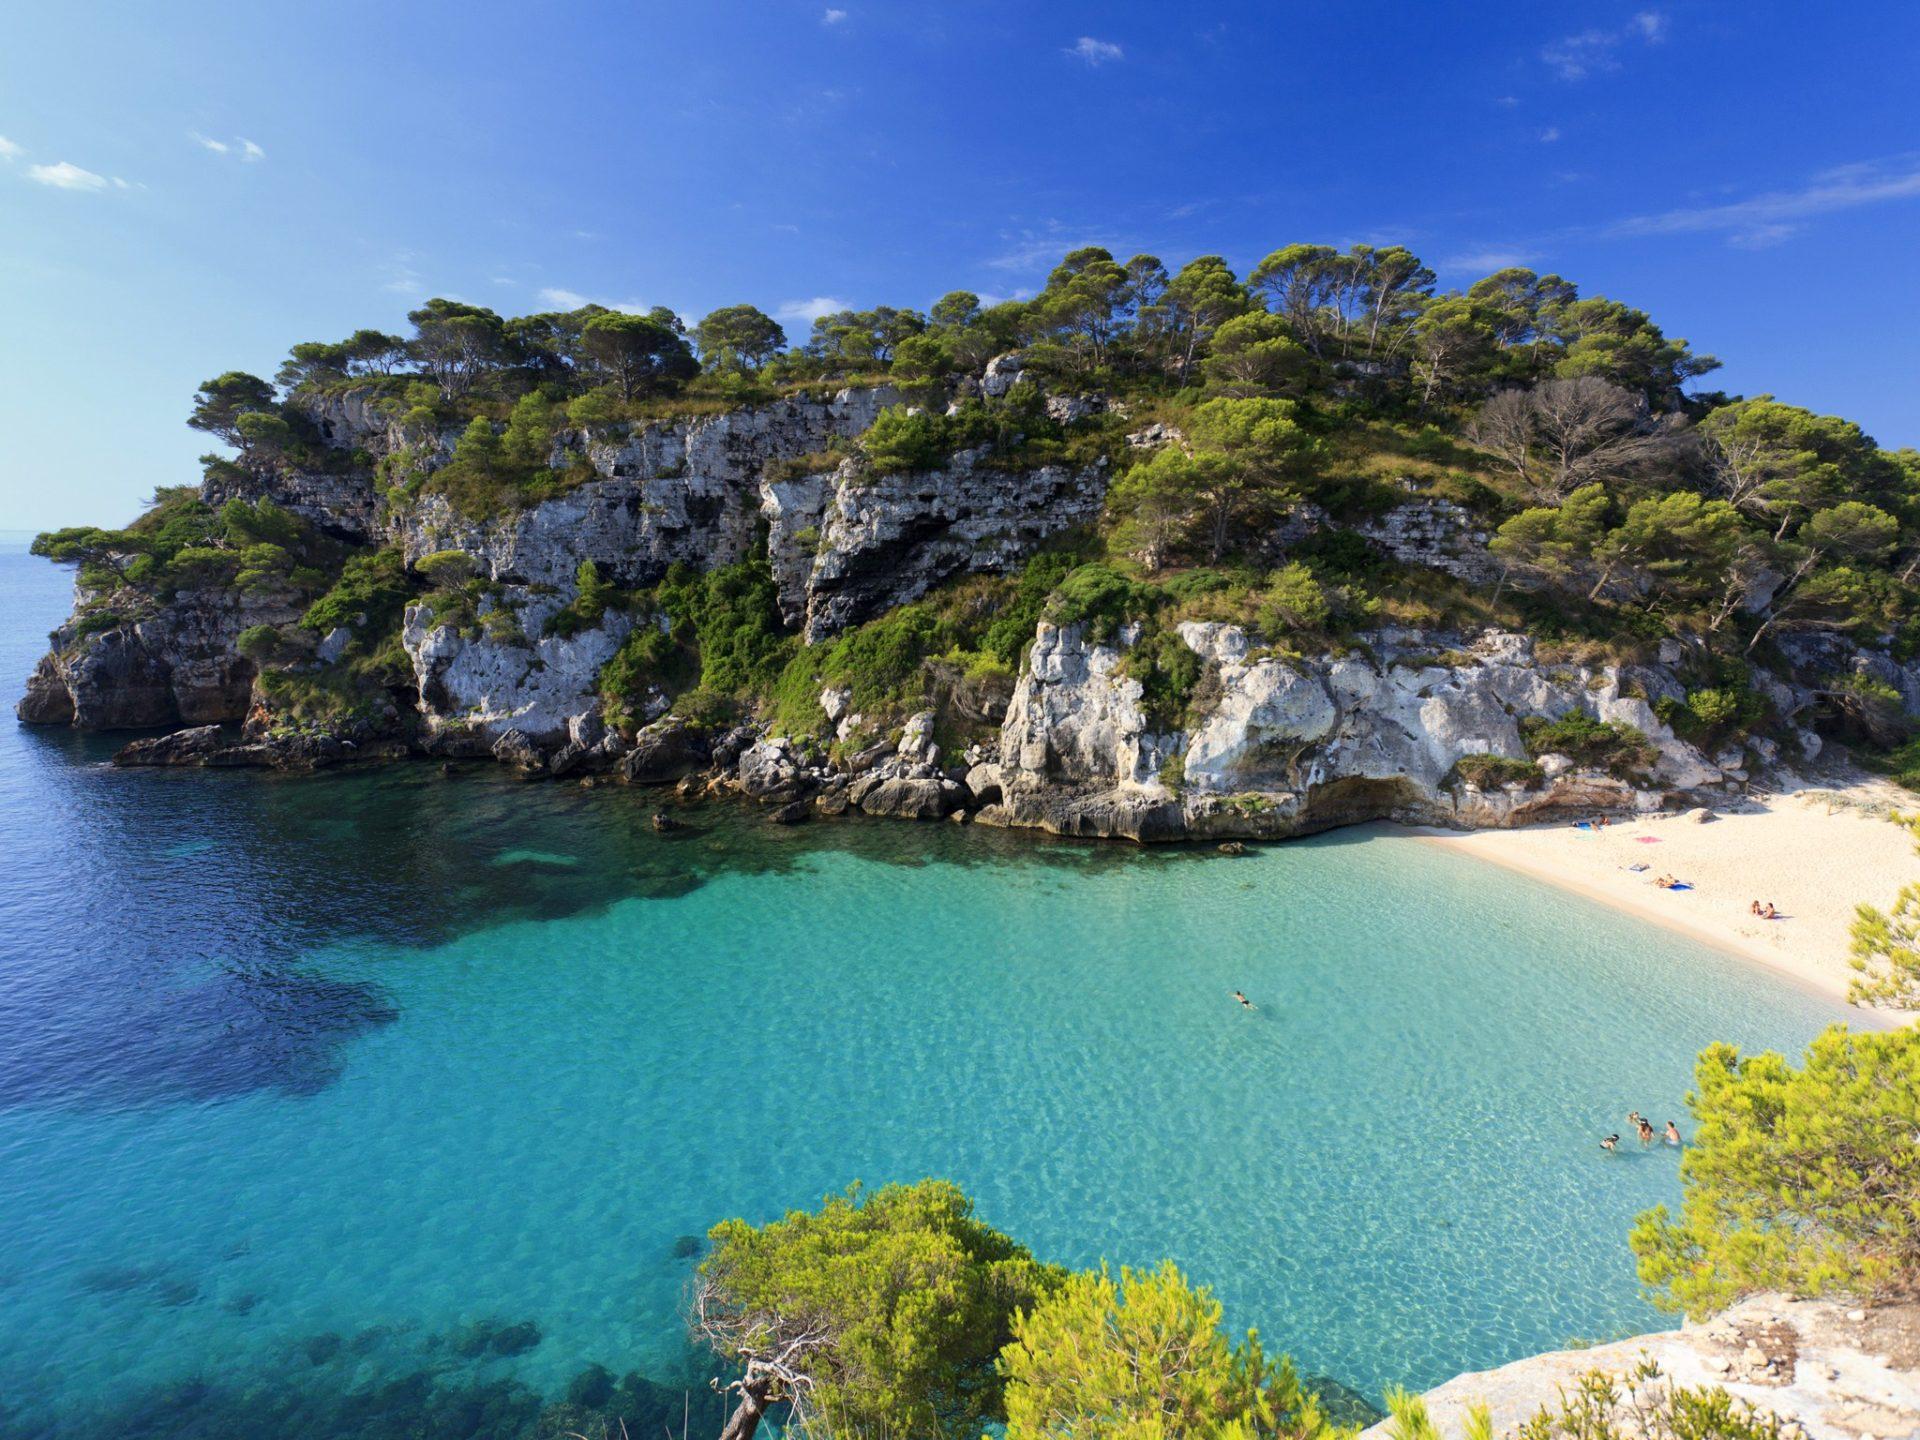 2. Пляж Кала Макарелья, остров Менорка, Испания.